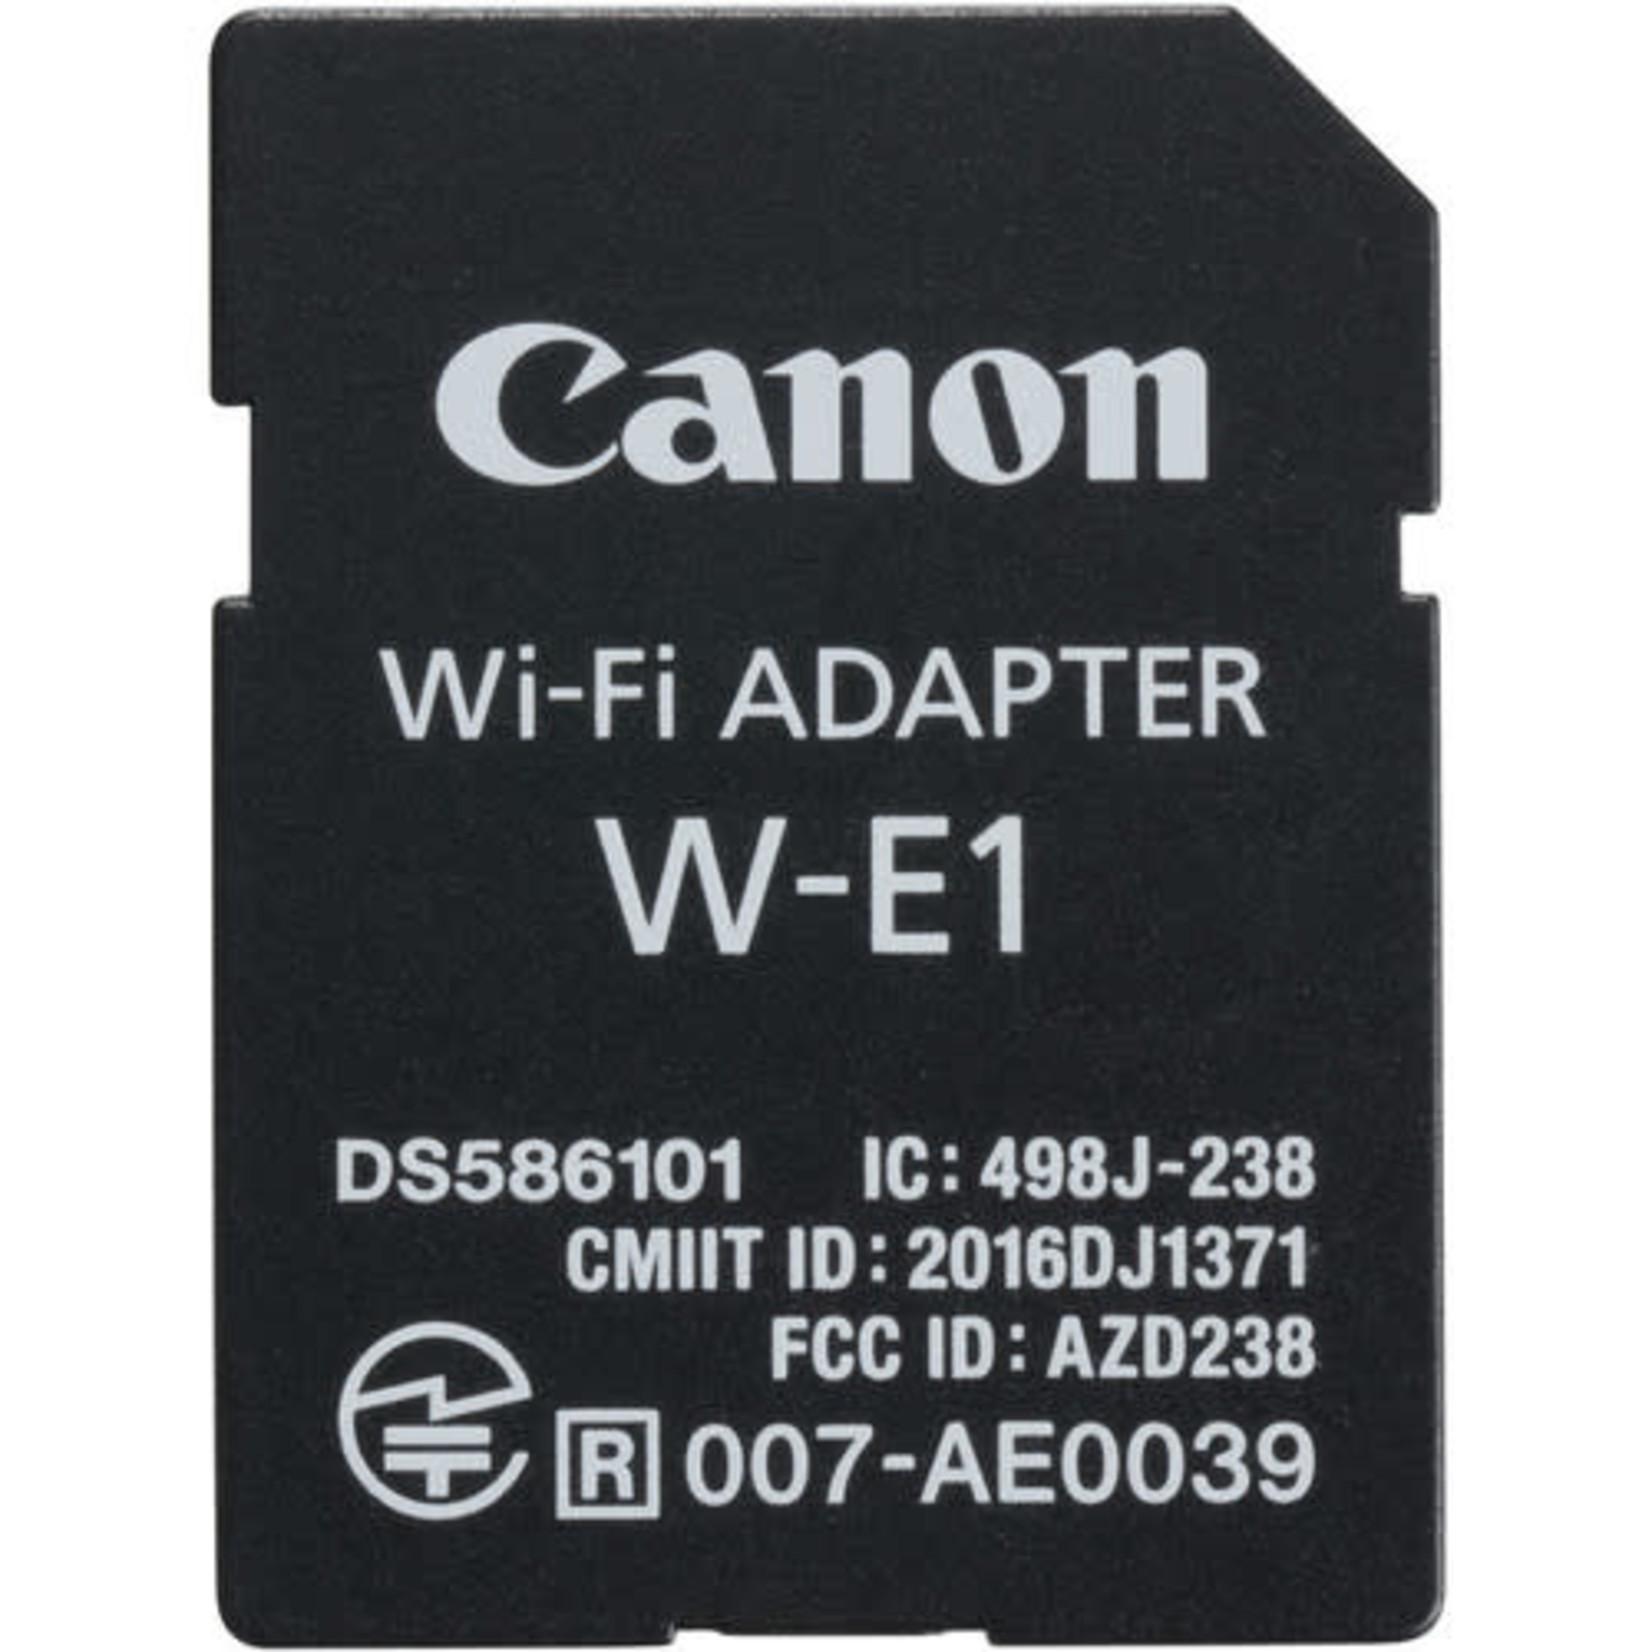 Canon Canon W-E1 Wi-Fi Adapter